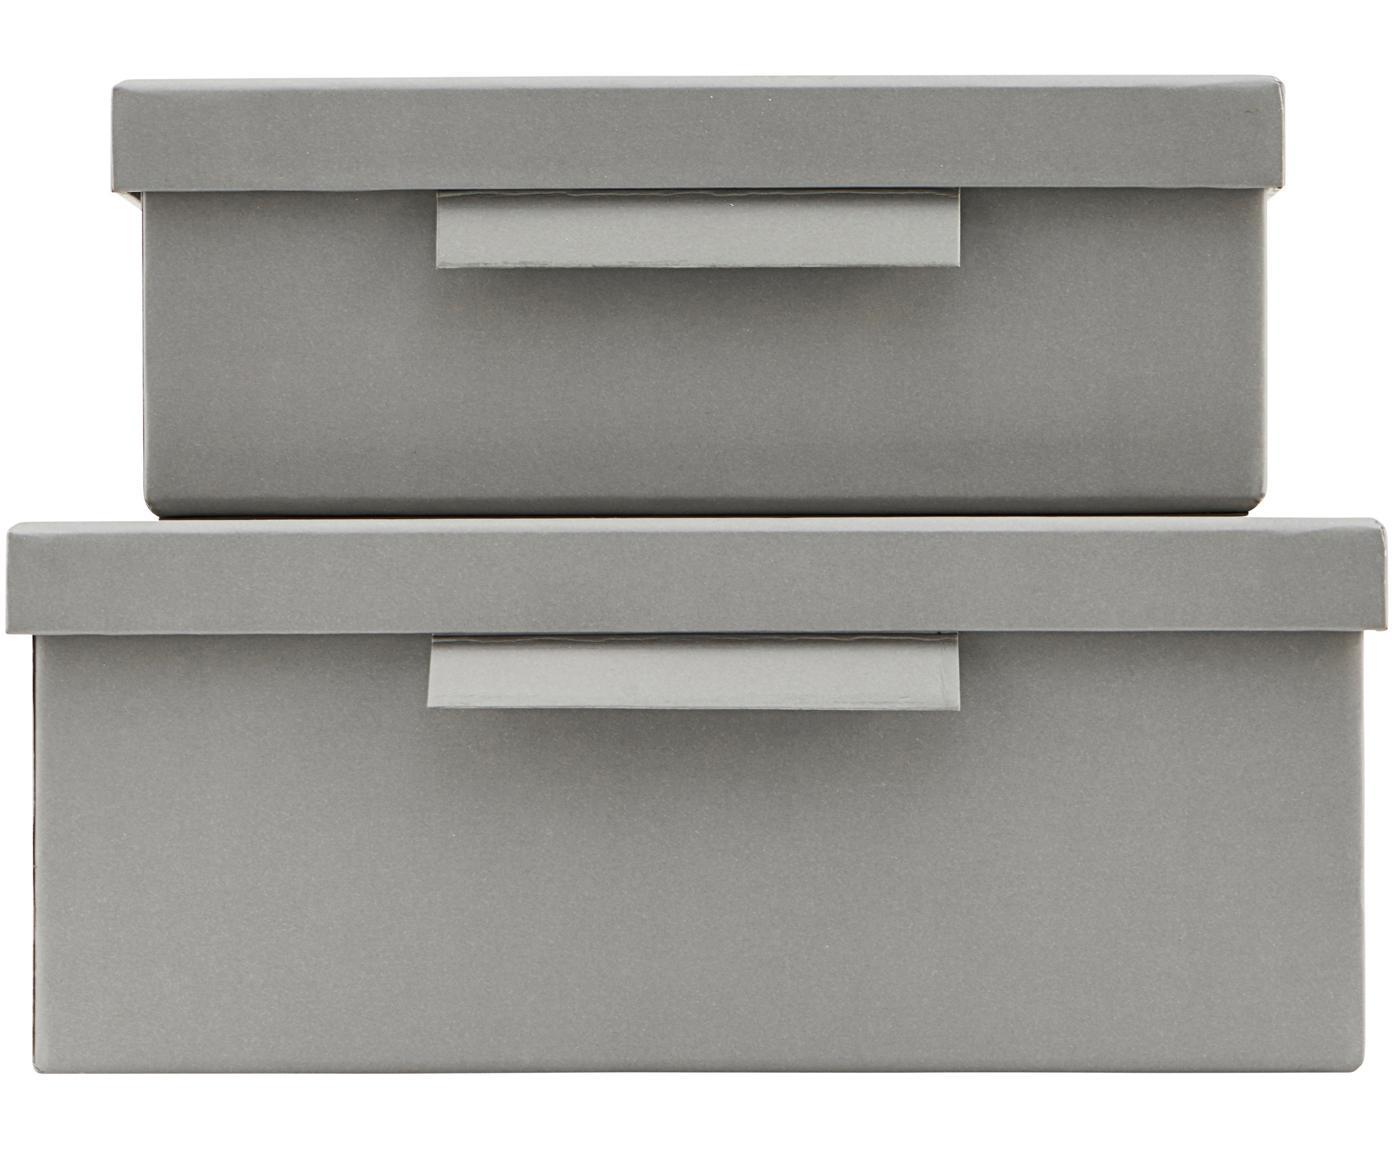 Komplet pudełek do przechowywania File, 2 elem., Papier, Szary, Różne rozmiary